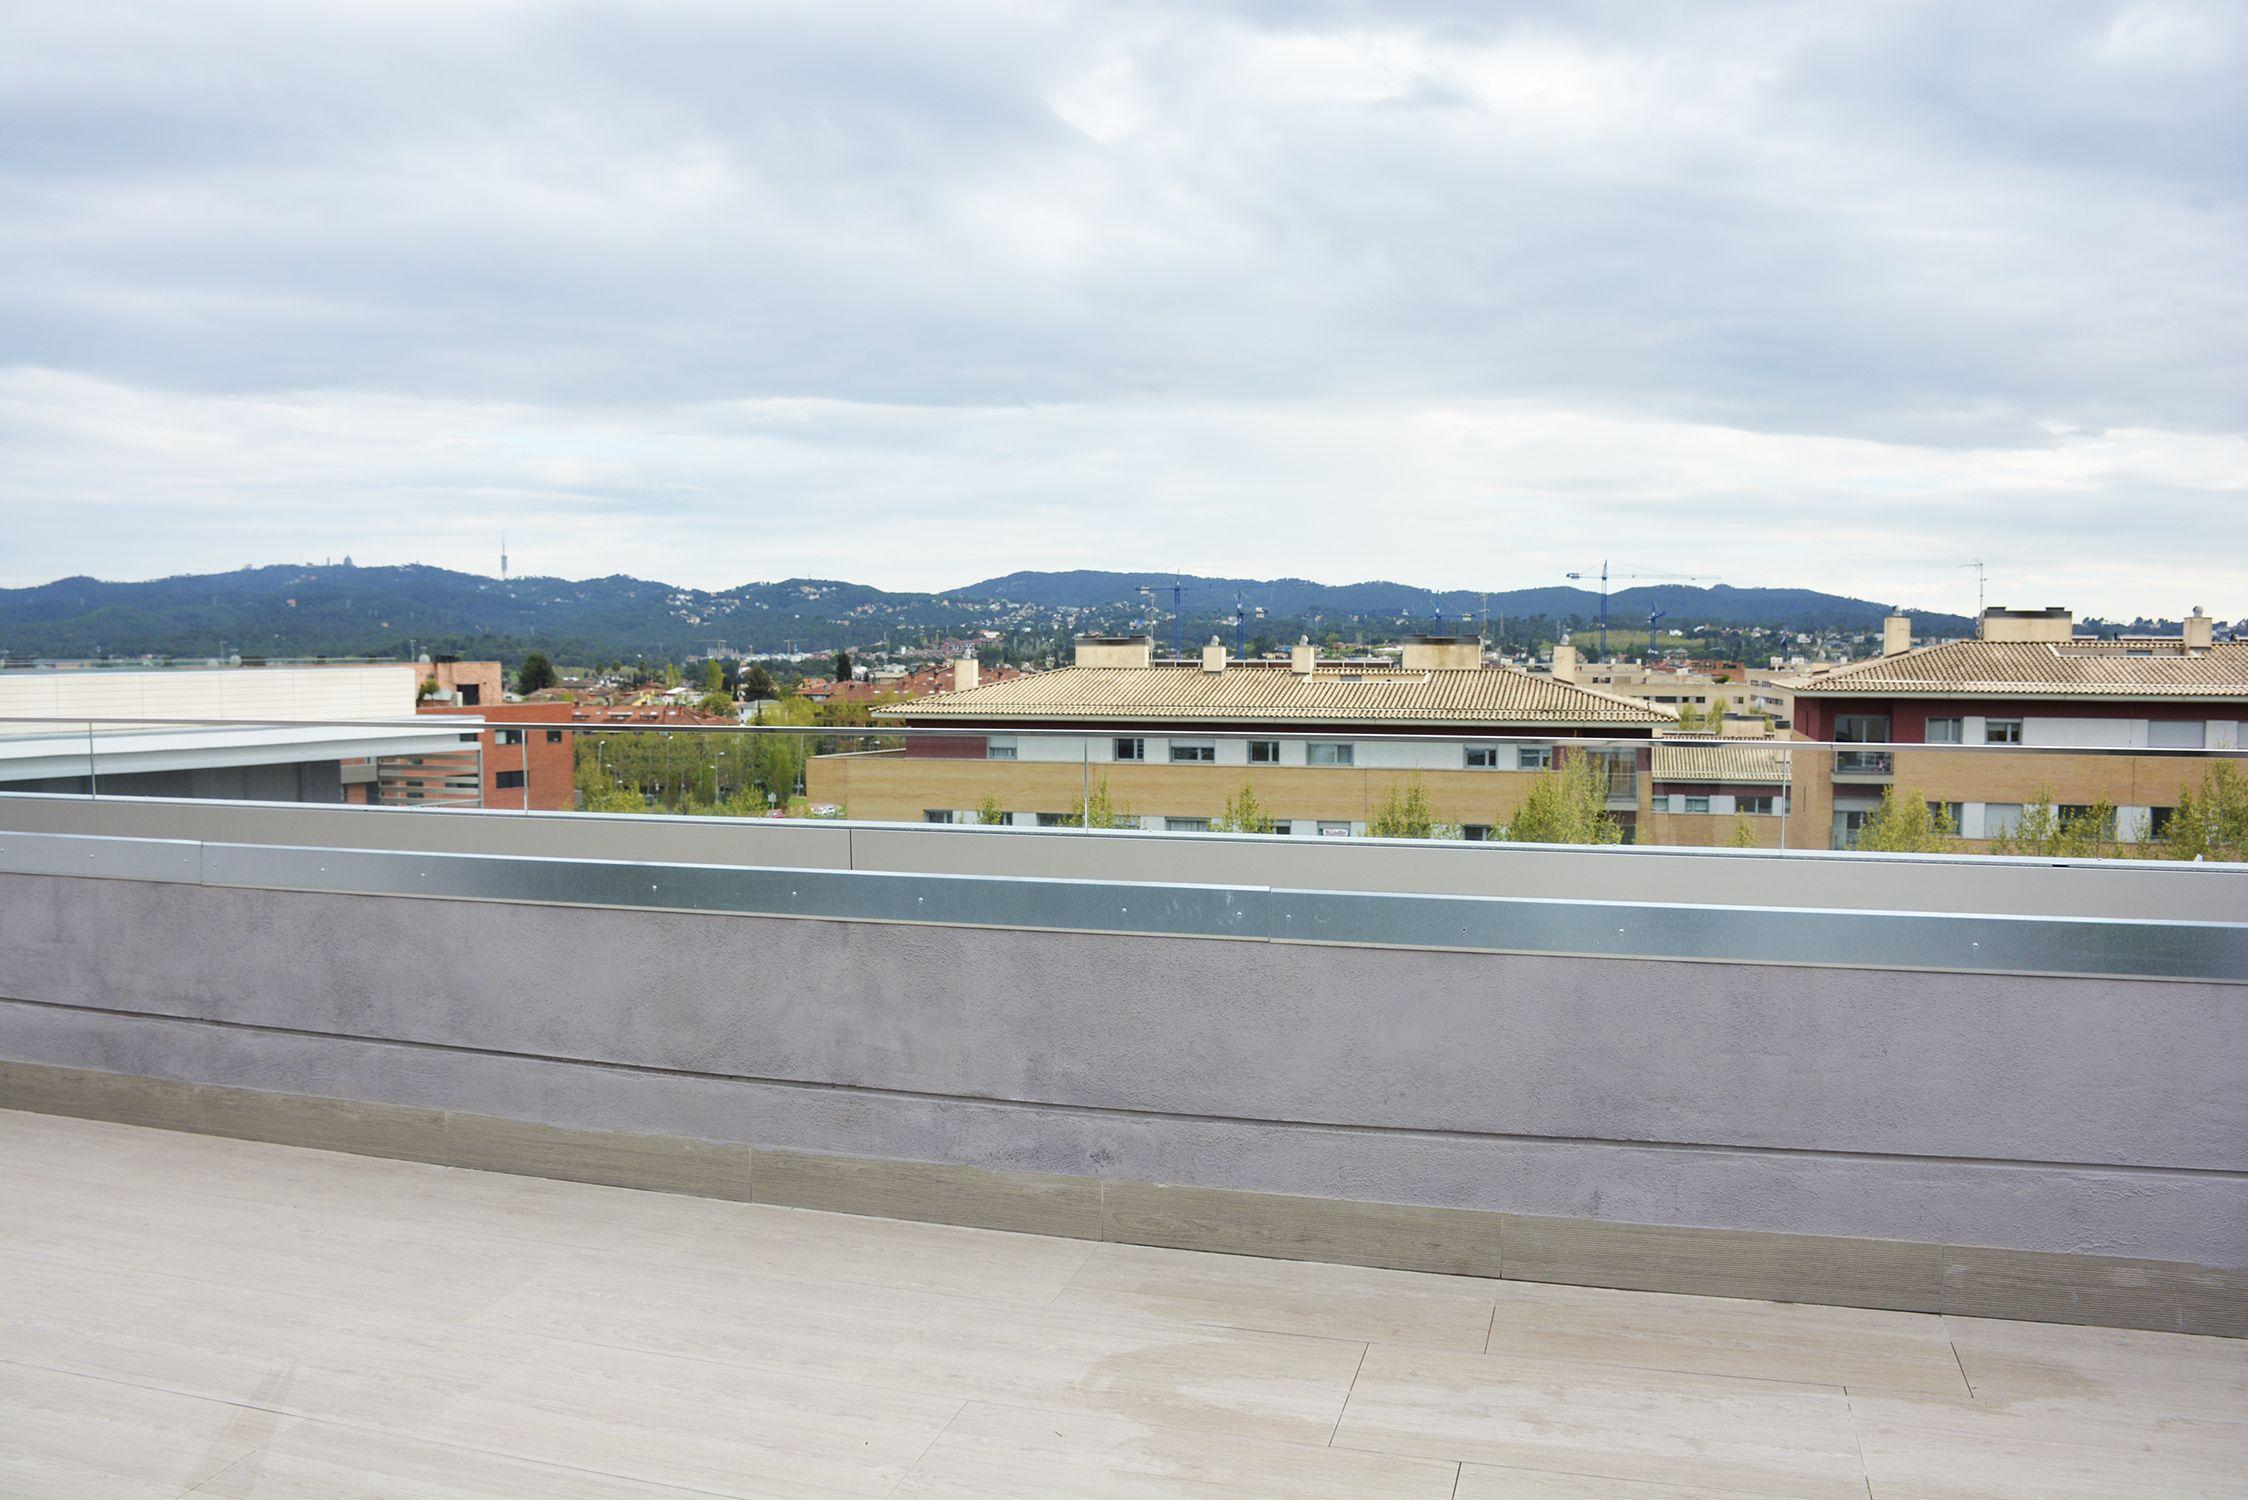 Des de la terrassa es pot veure fins la serra de Collserola FOTO: Cedida